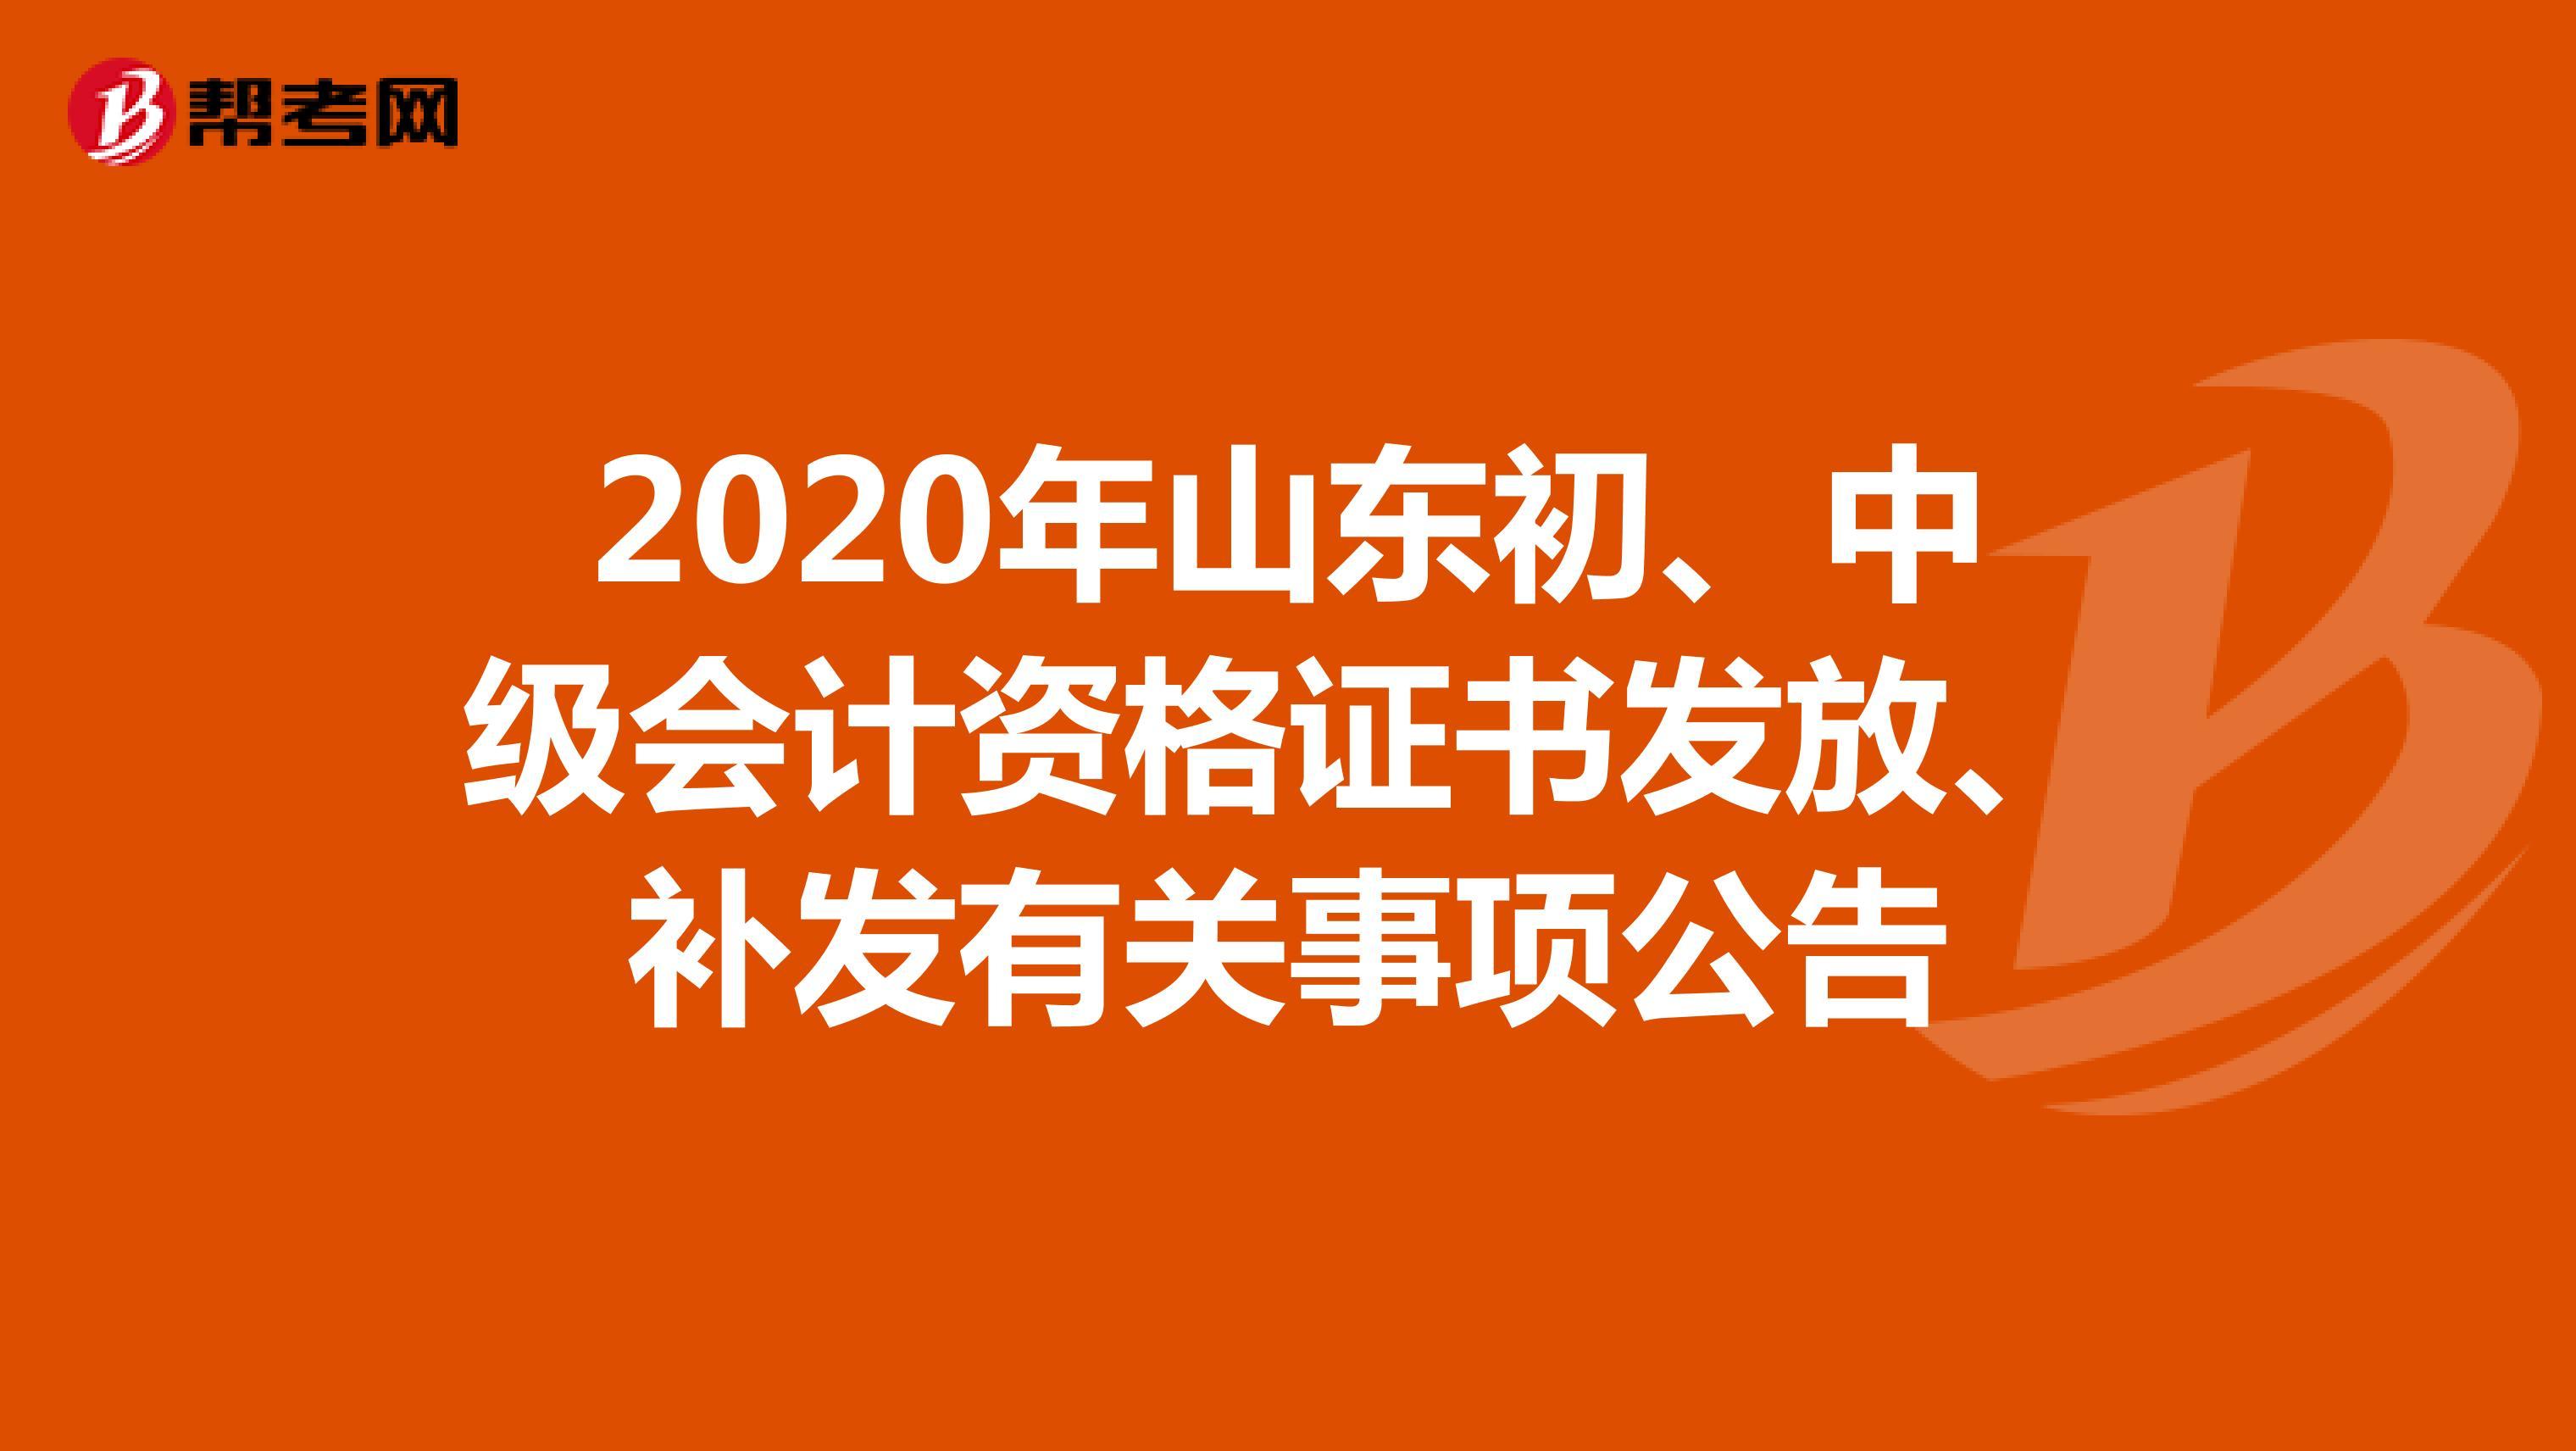 2020年山東初、中級會計資格證書發放、補發有關事項公告